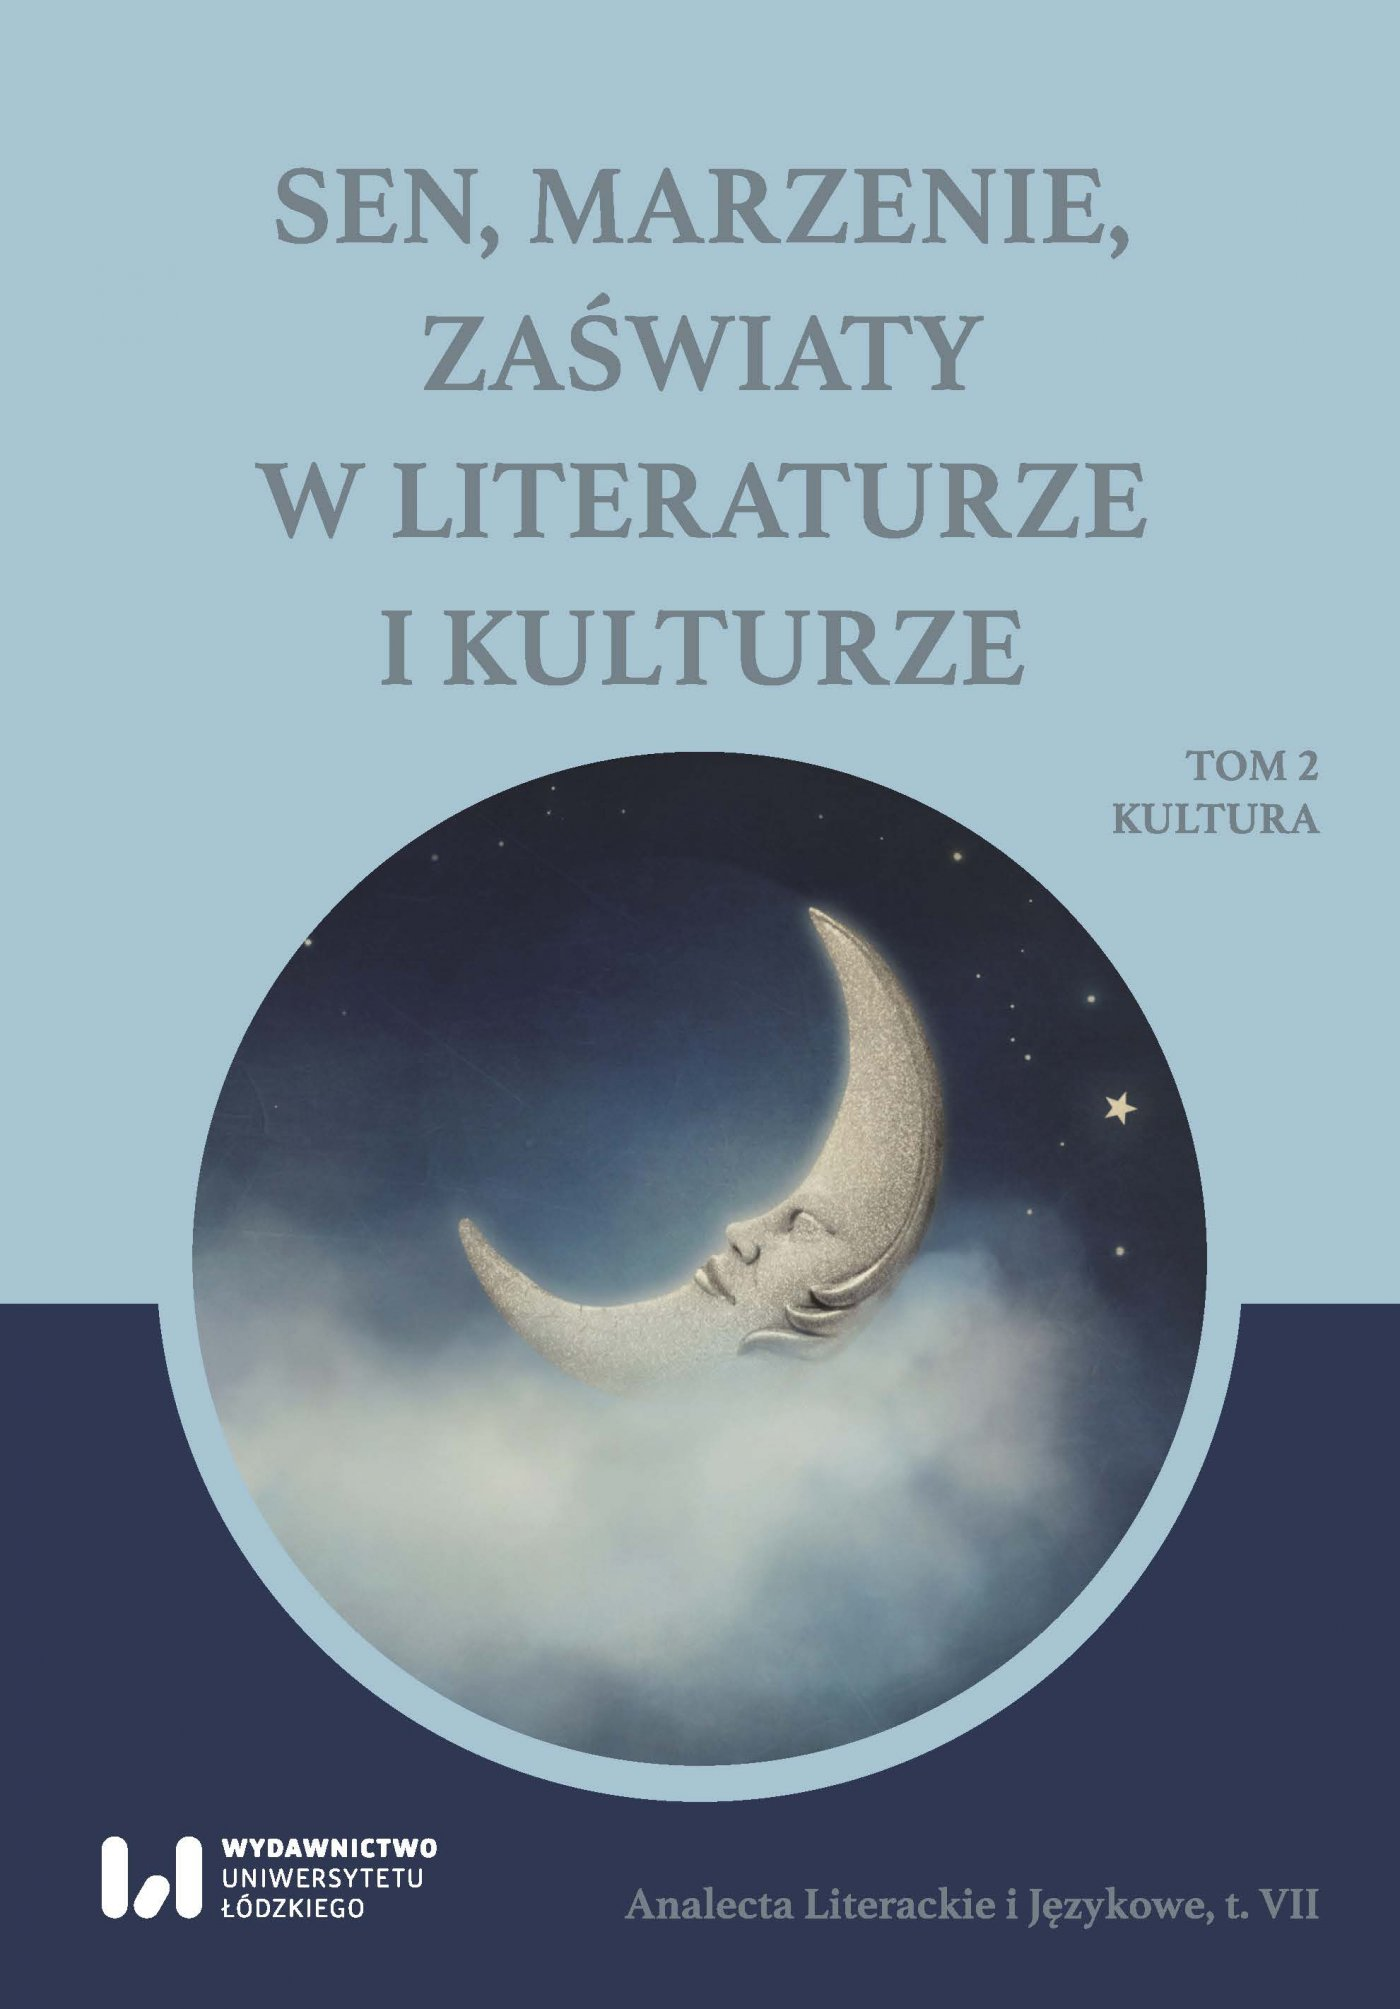 Sen, marzenie, zaświaty w literaturze i kulturze. Tom 2. Kultura - Ebook (Książka PDF) do pobrania w formacie PDF